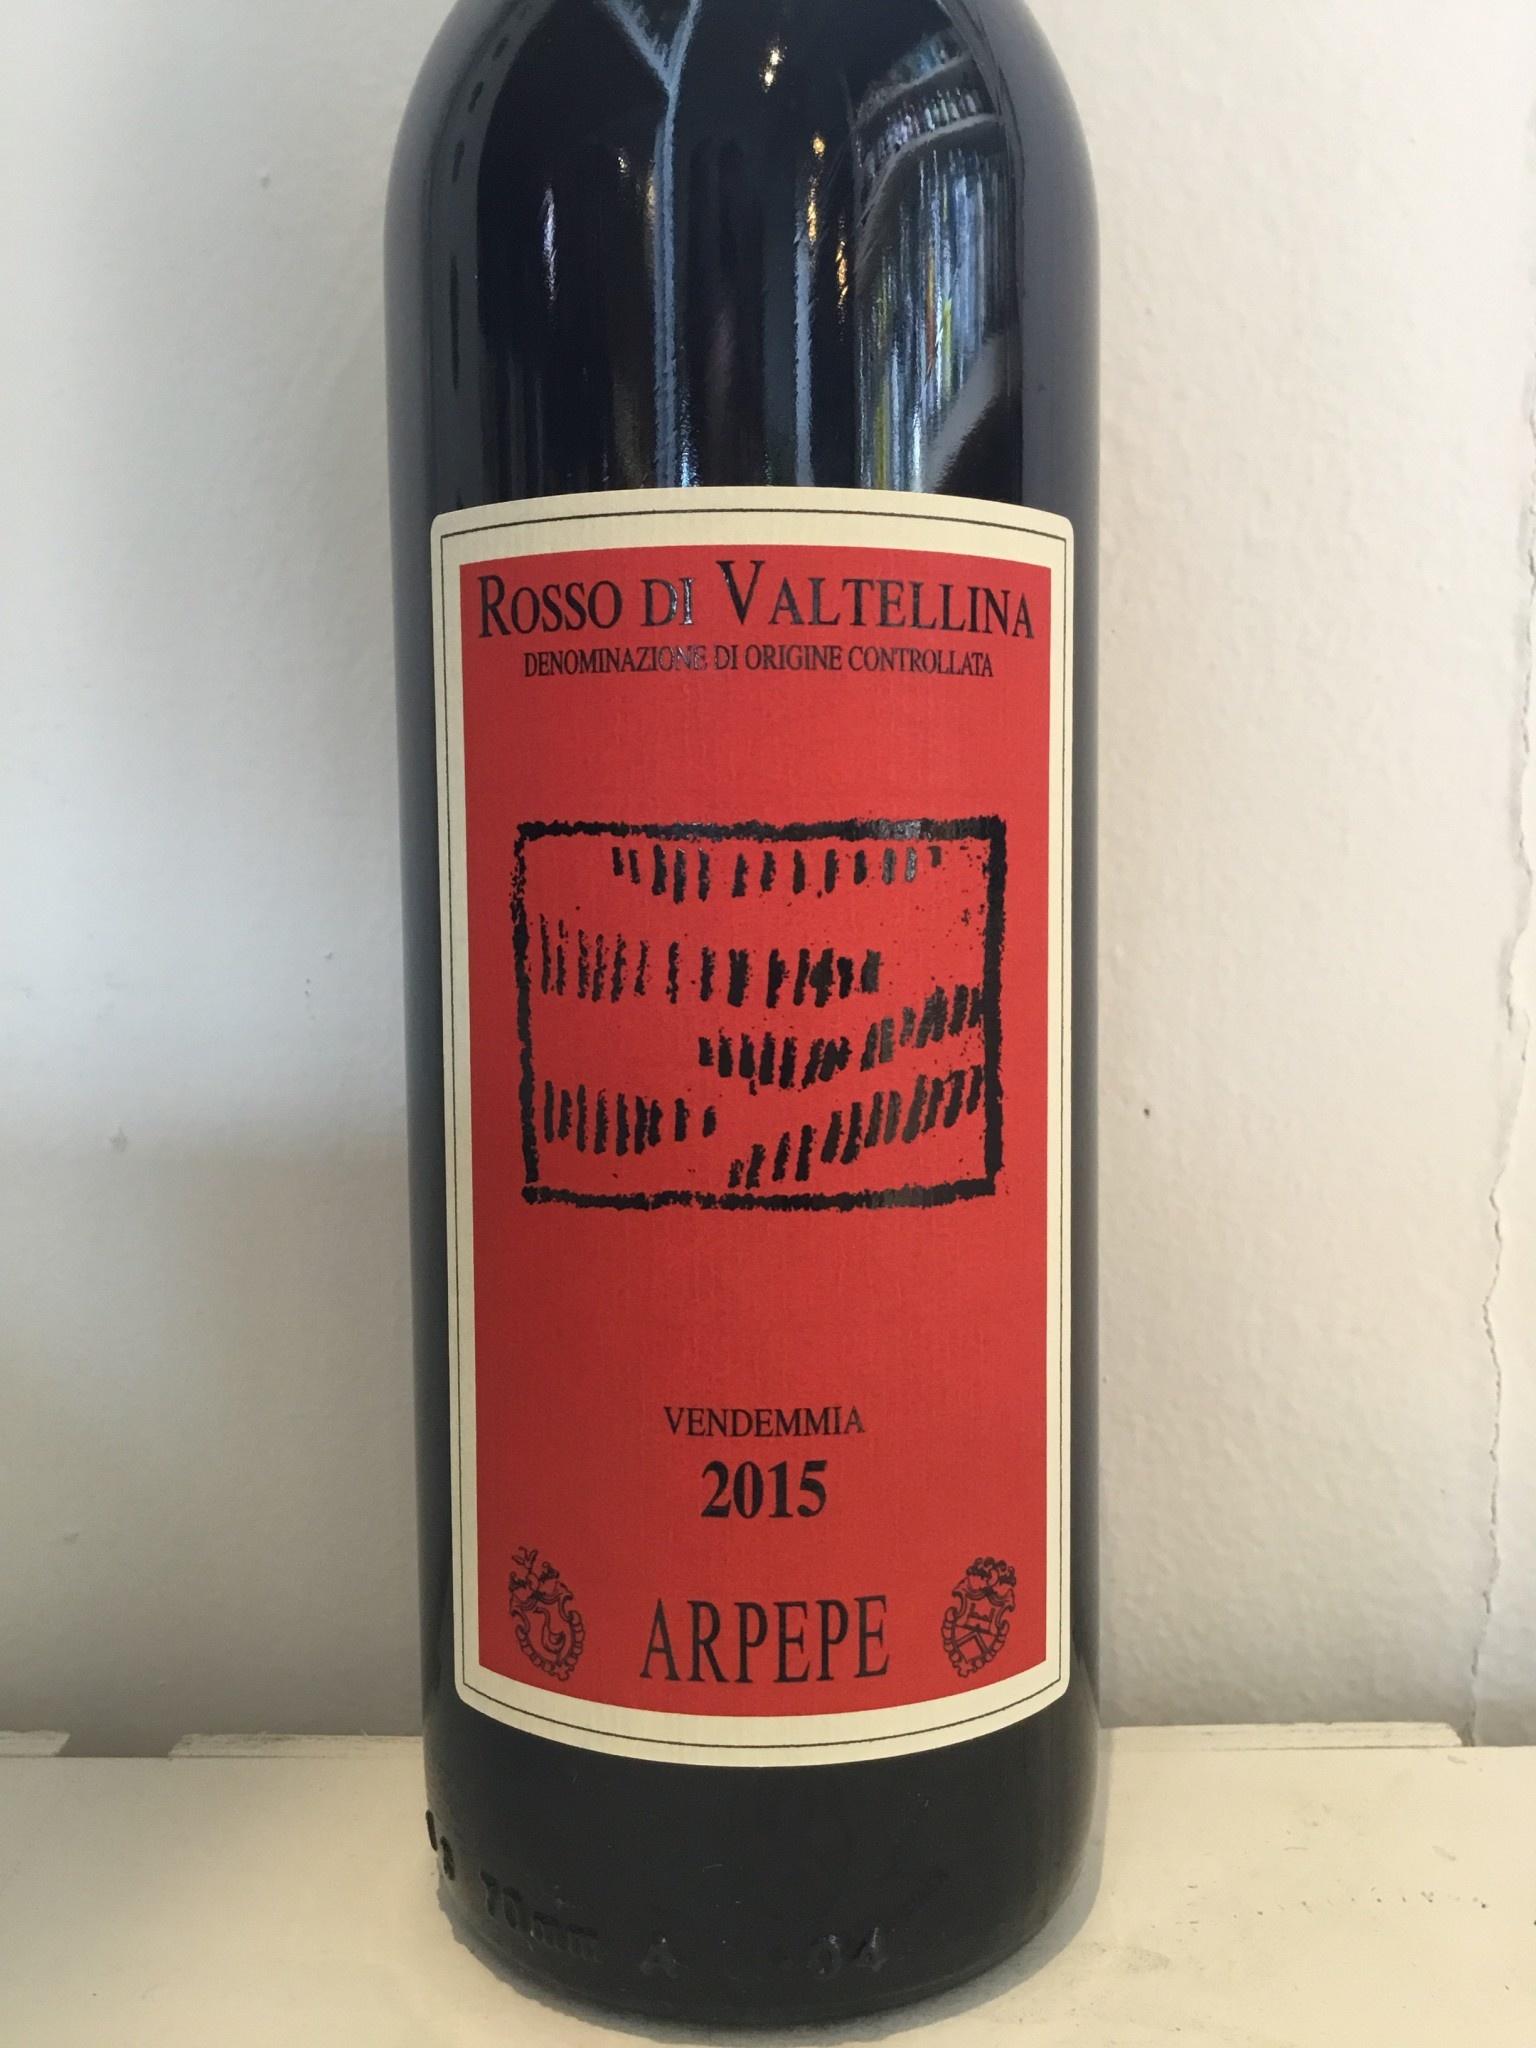 2015 Arpepe Rosso di Valtellina, 750ml